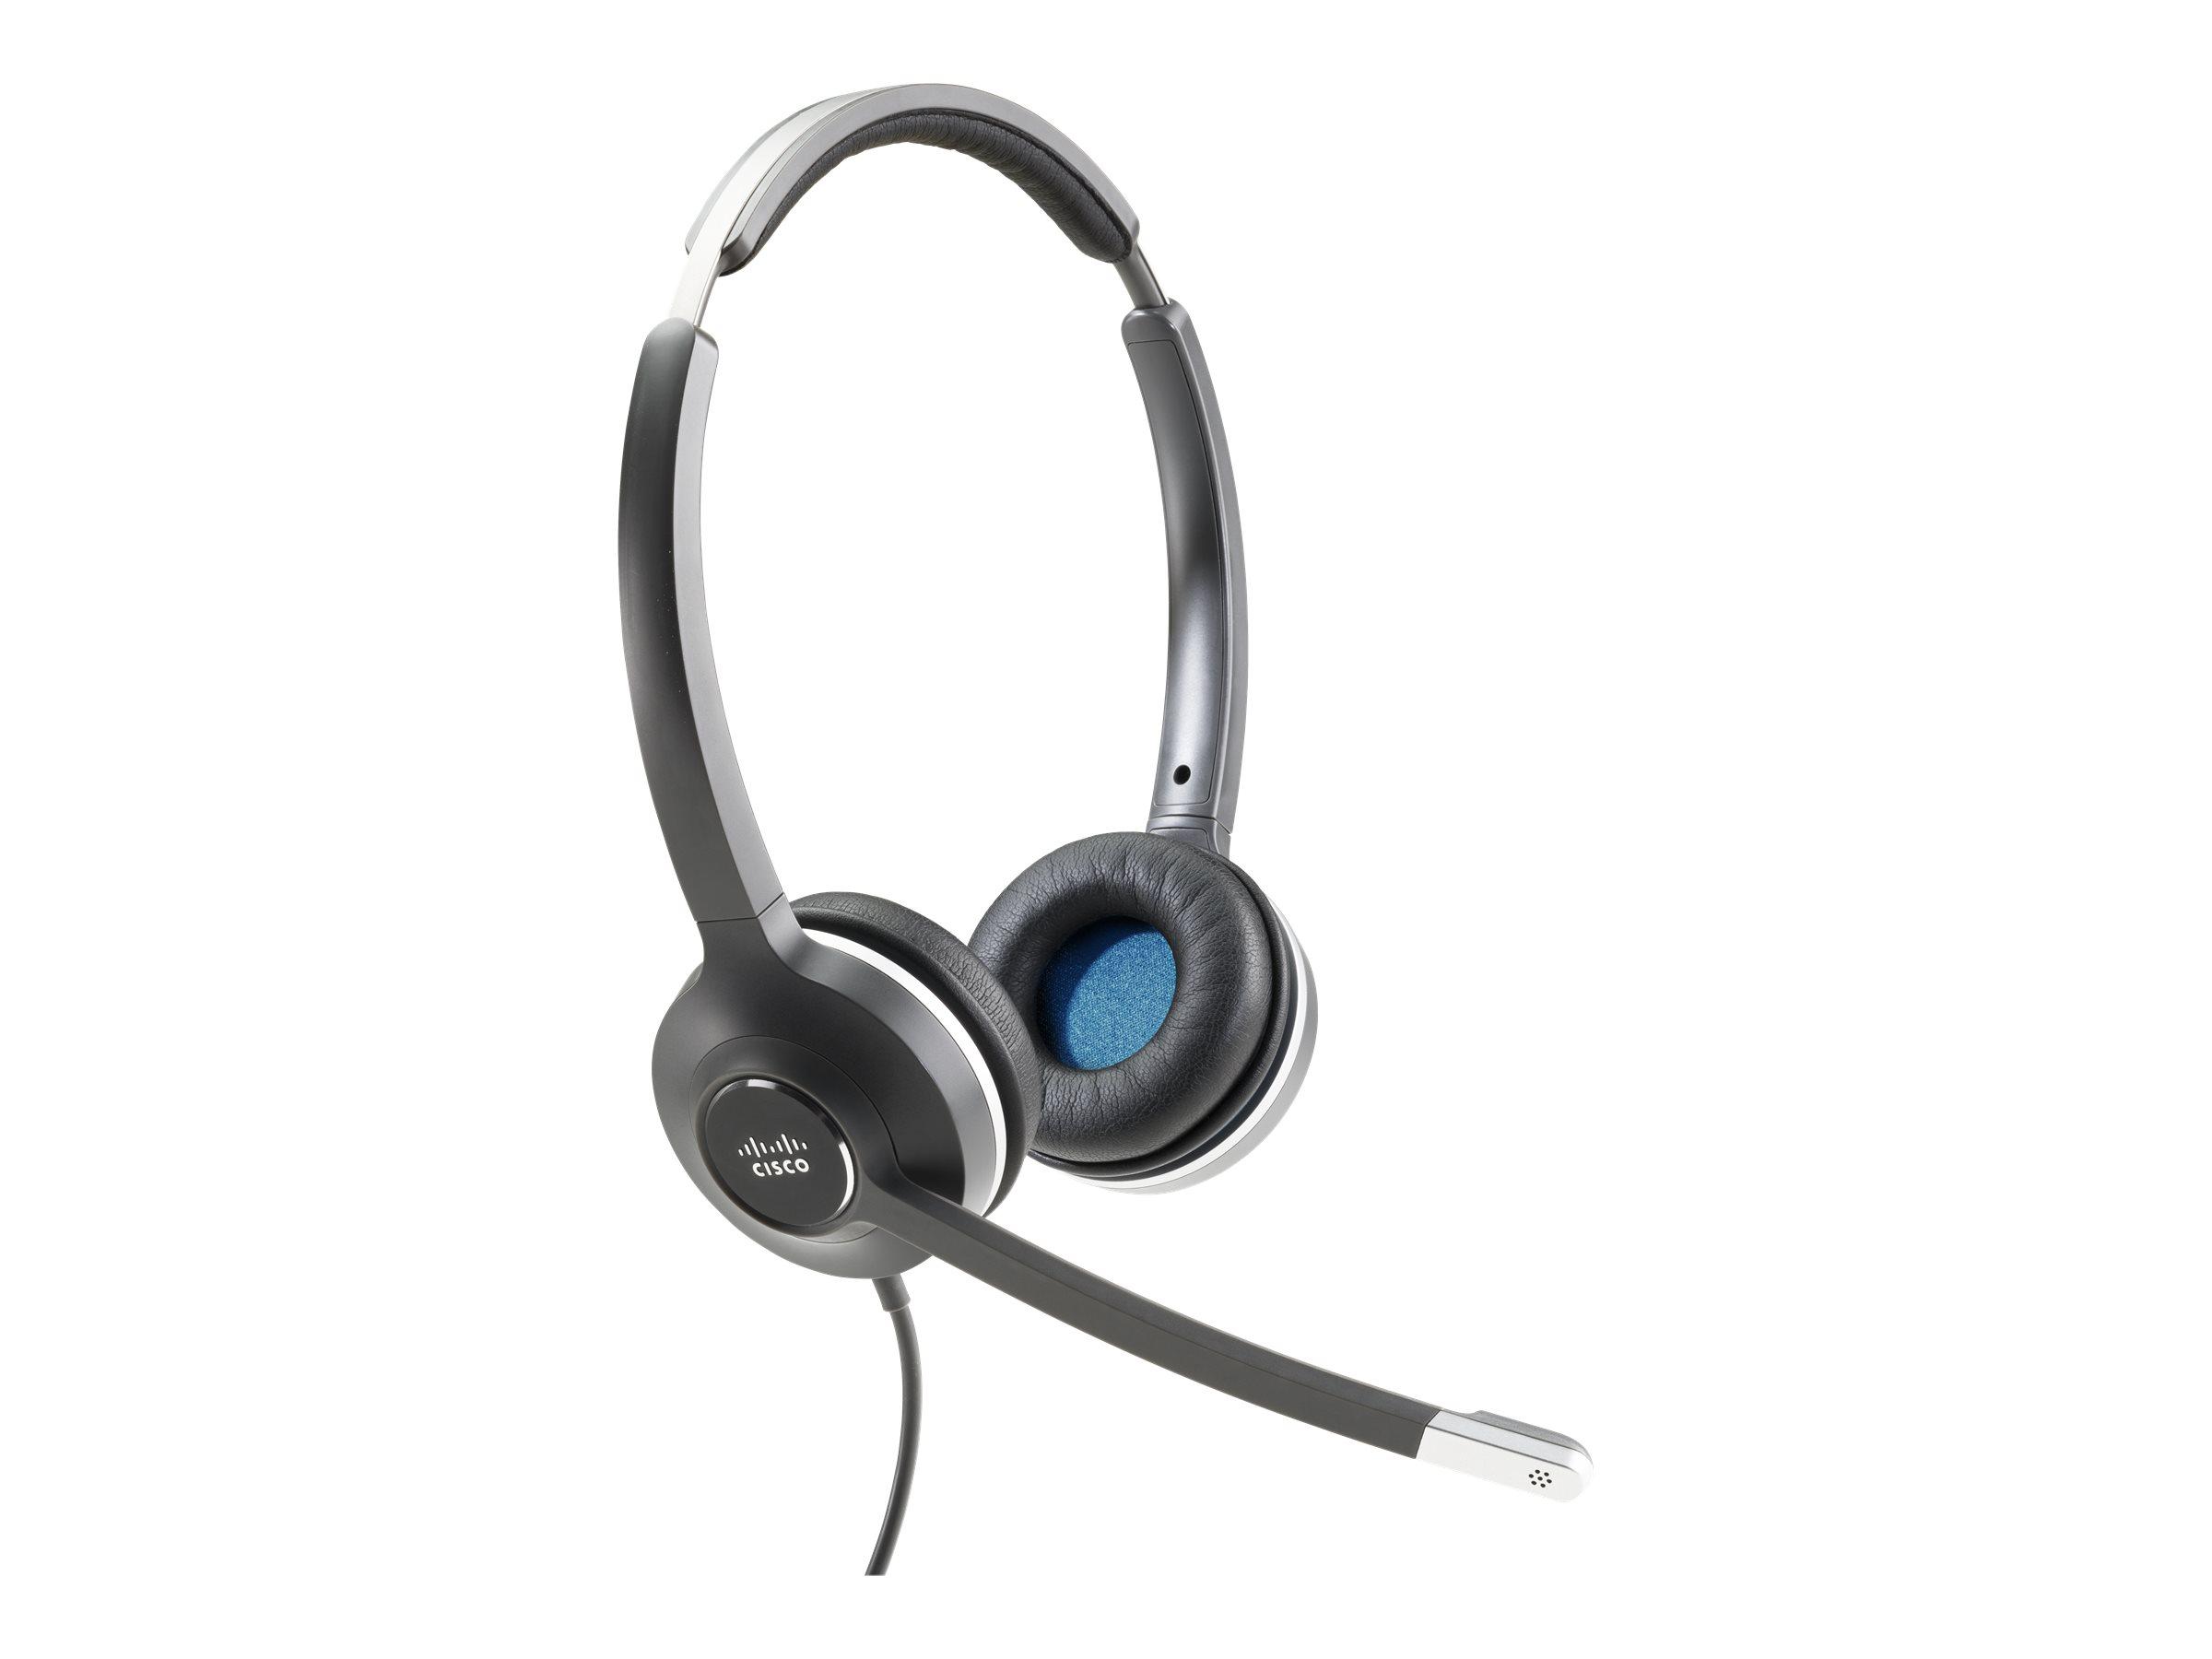 Cisco 532 Wired Dual - Headset - On-Ear - kabelgebunden - für Cisco DX70, DX70 - MSRP, DX80, DX80 (No Radio); IP Phone 8851, 886